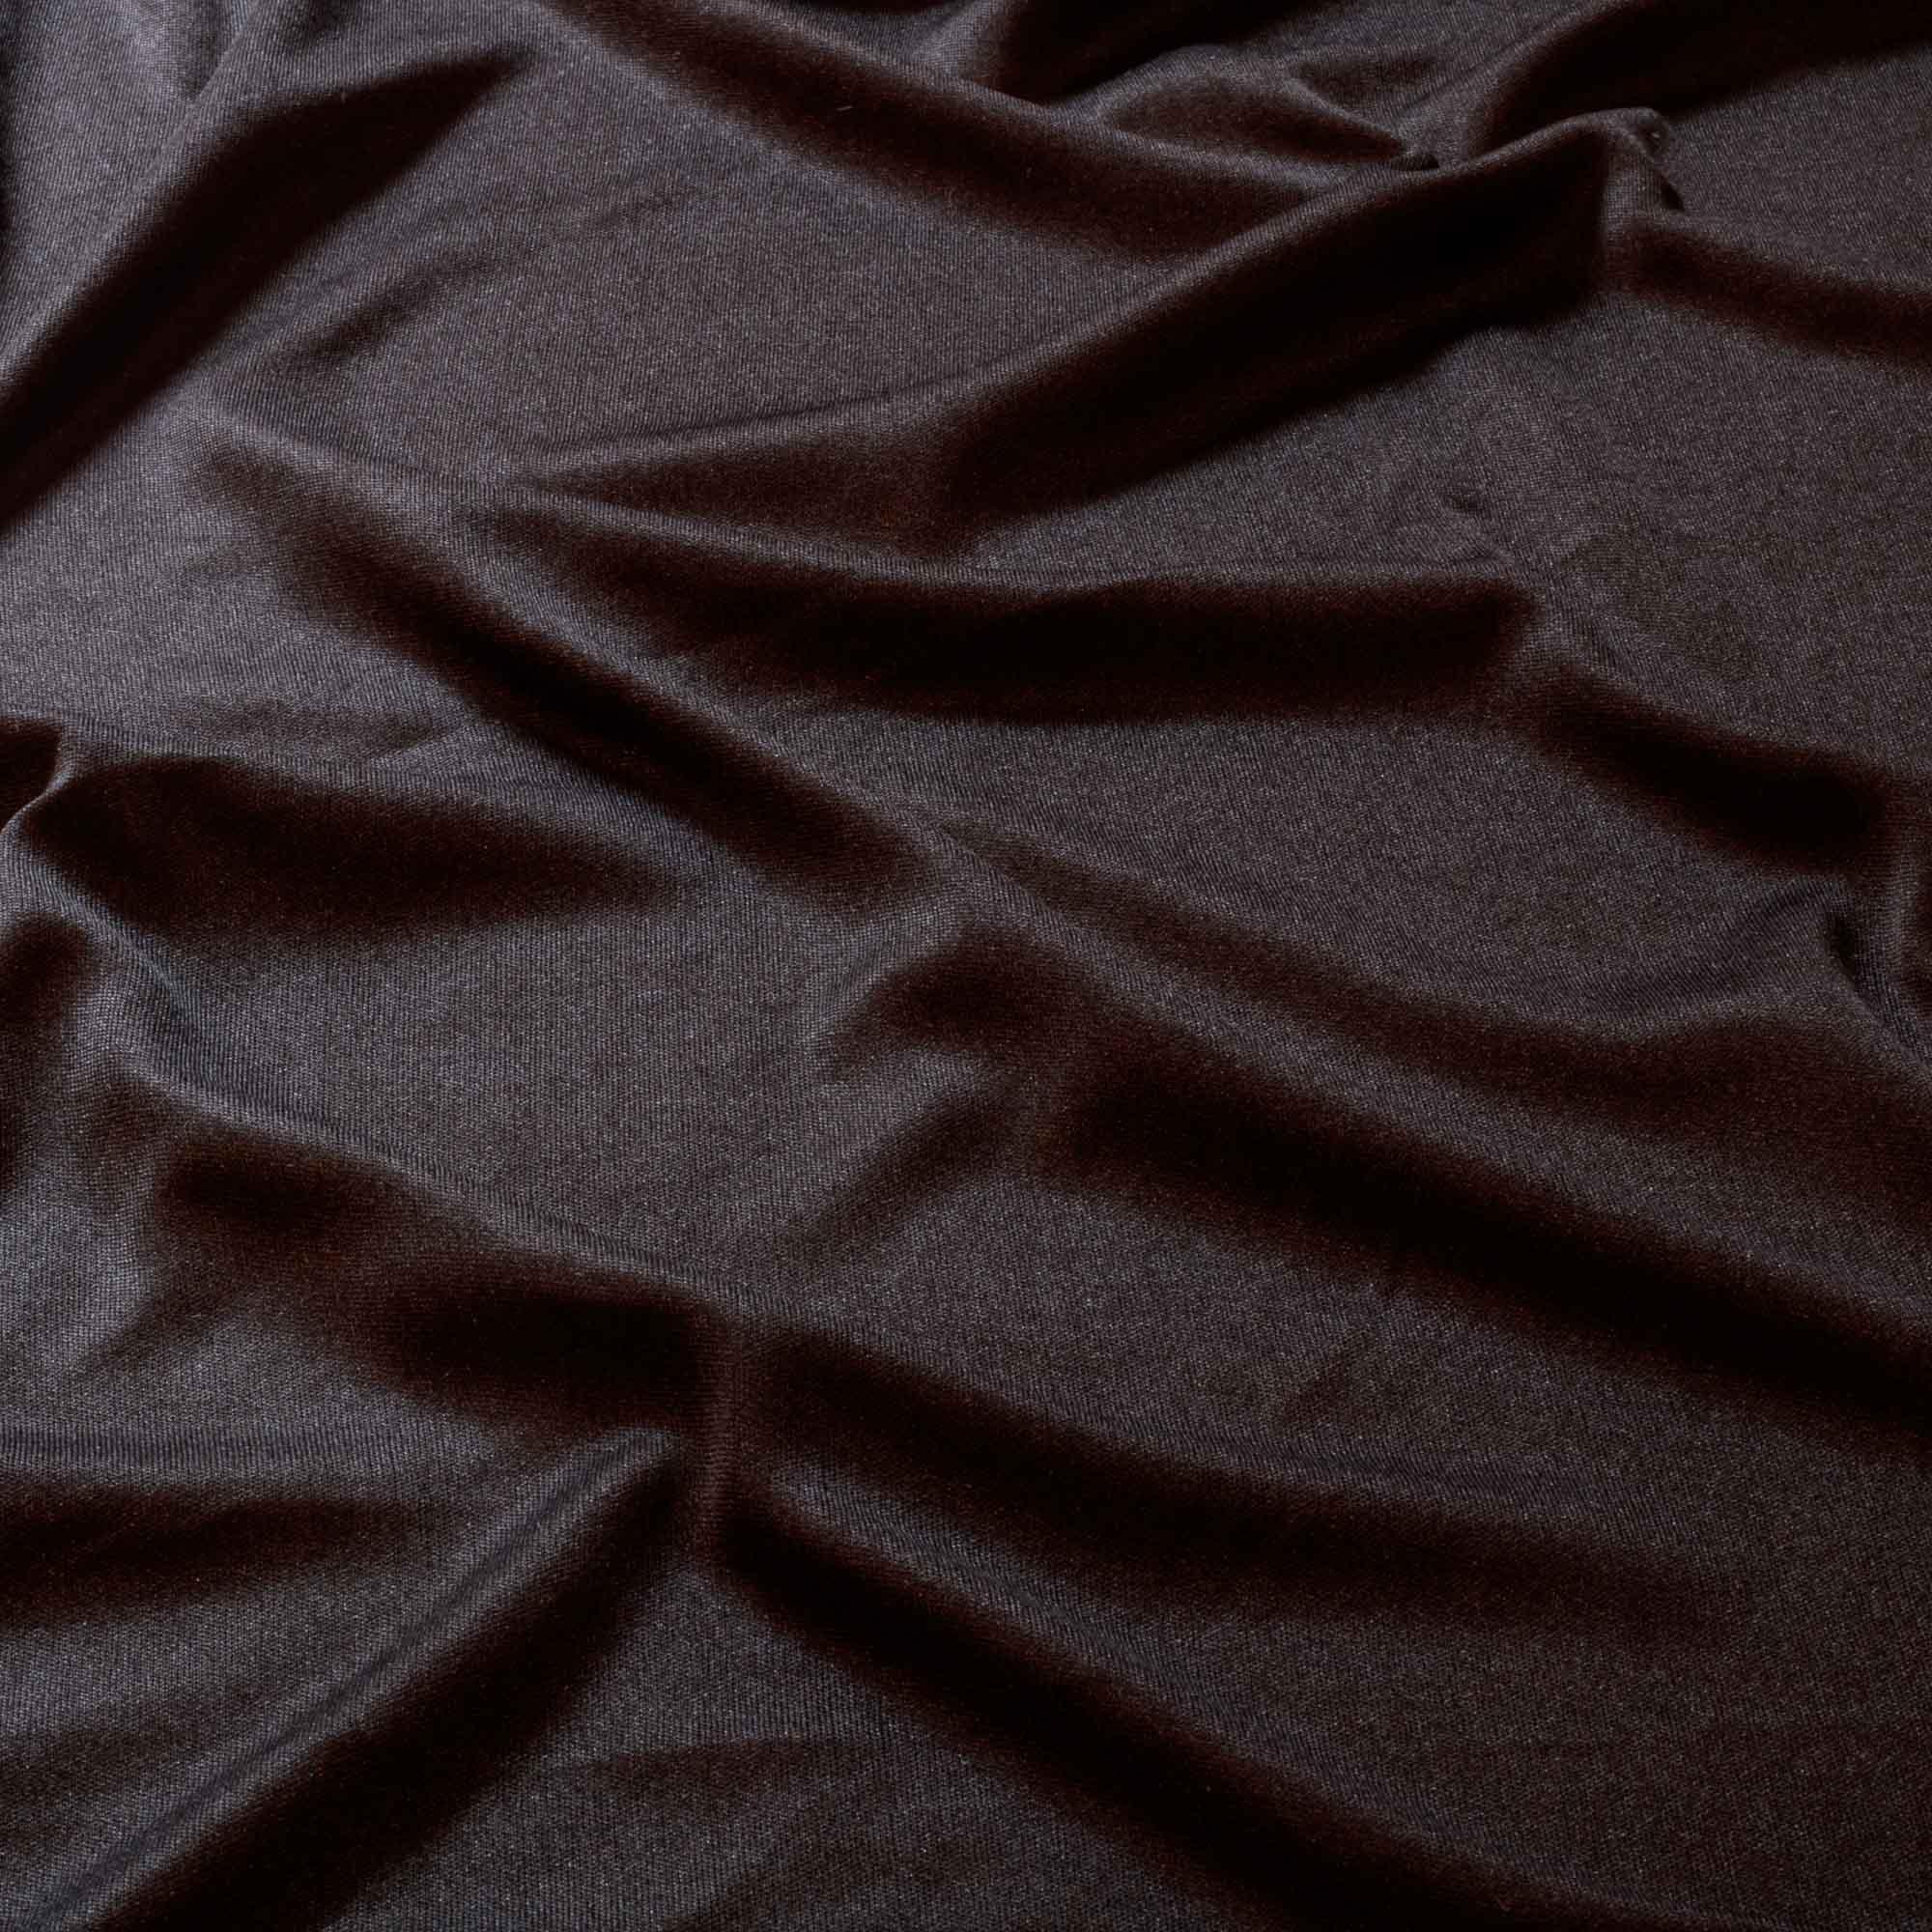 Tecido Malha Helanca Light Preta 100% Poliester 1,80 m Largura